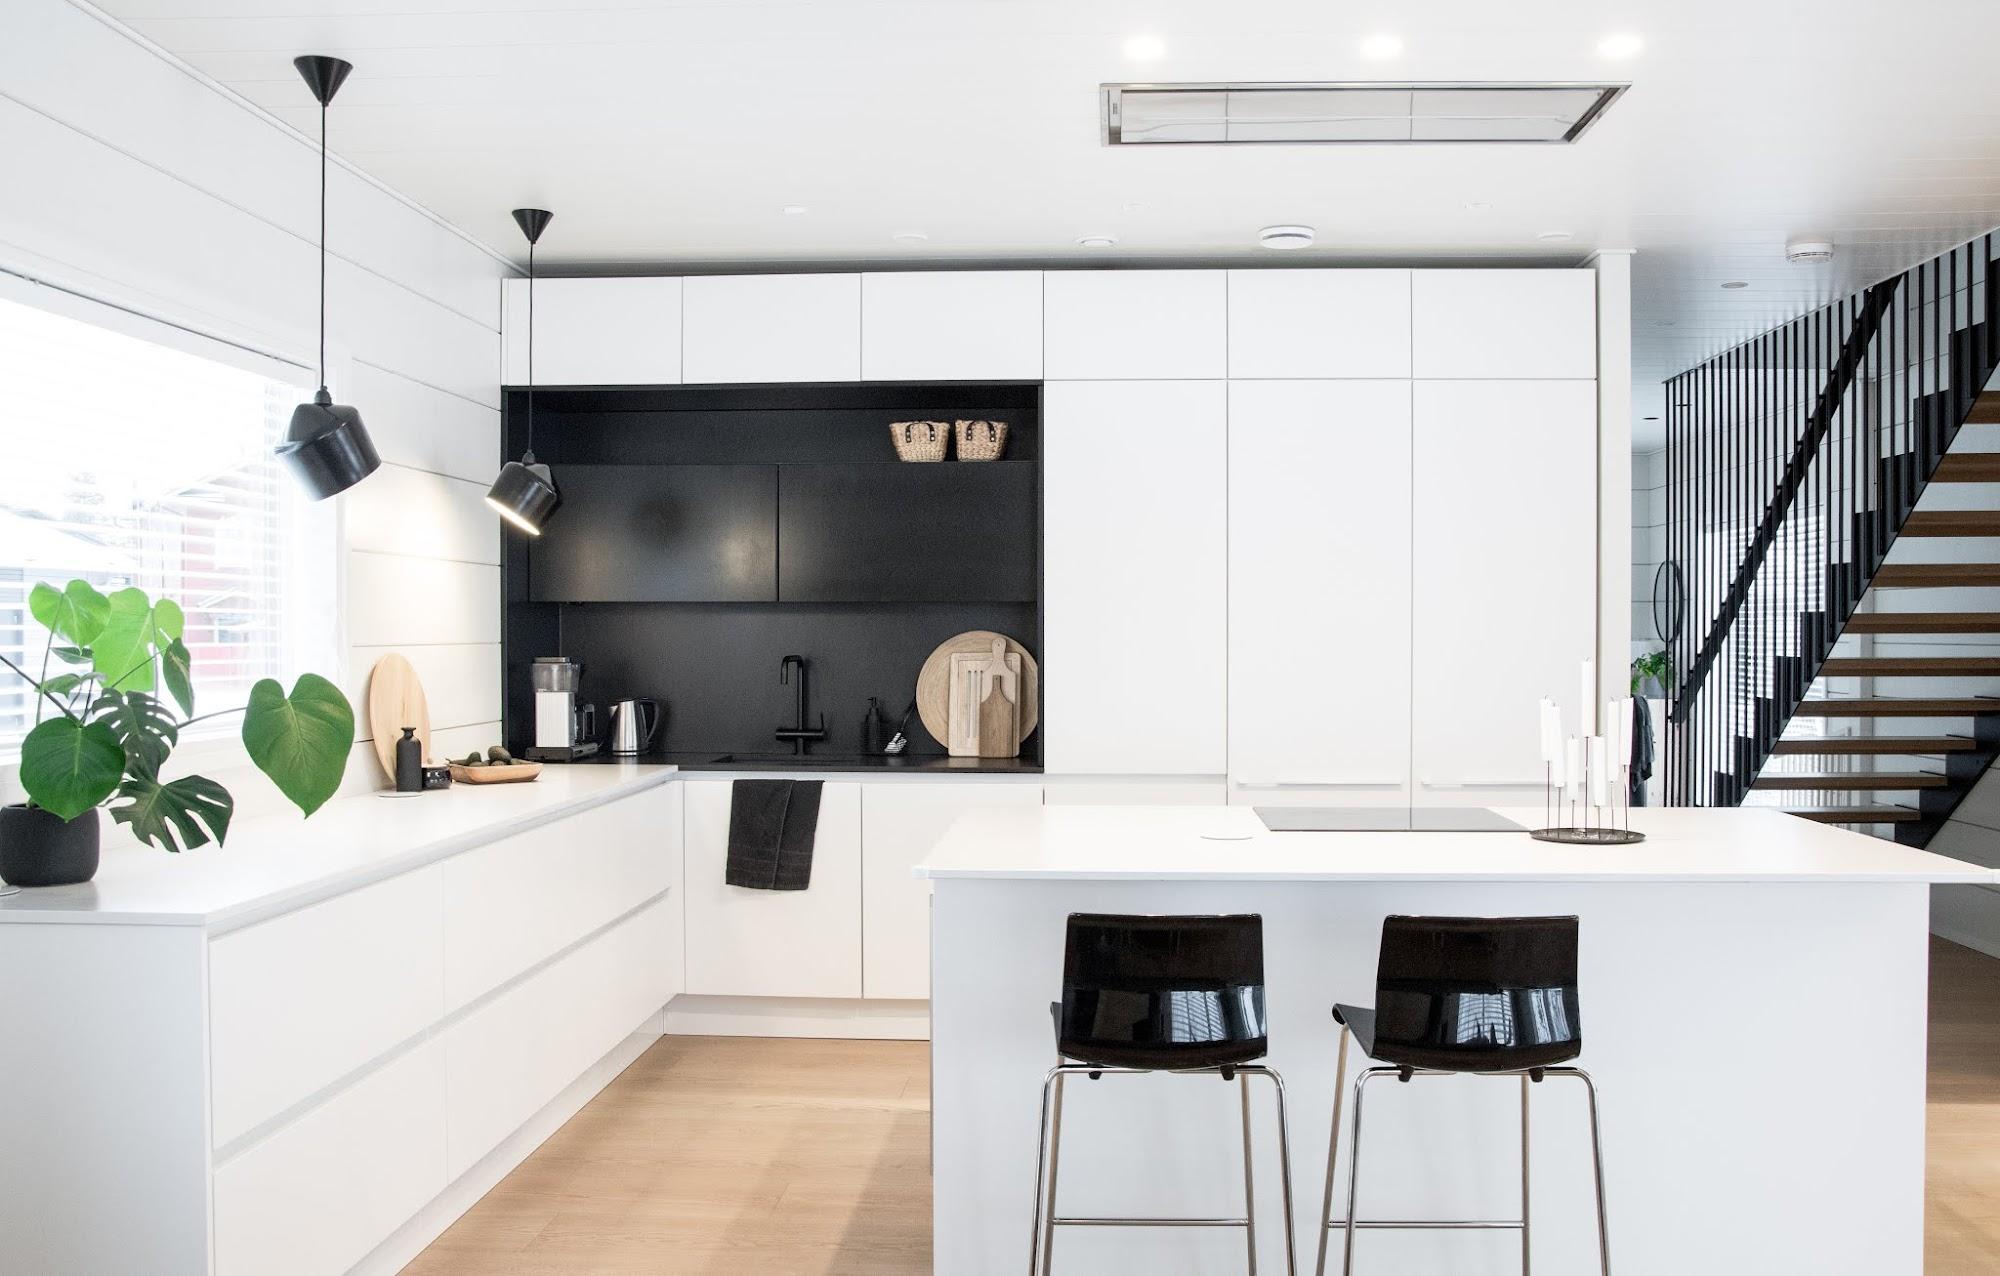 talo markki - Keittiön kaaoksen kesyttäminen 3 tuotteella - mustavalkoinen keittiö - mustat teräsportaat - modernit portaat